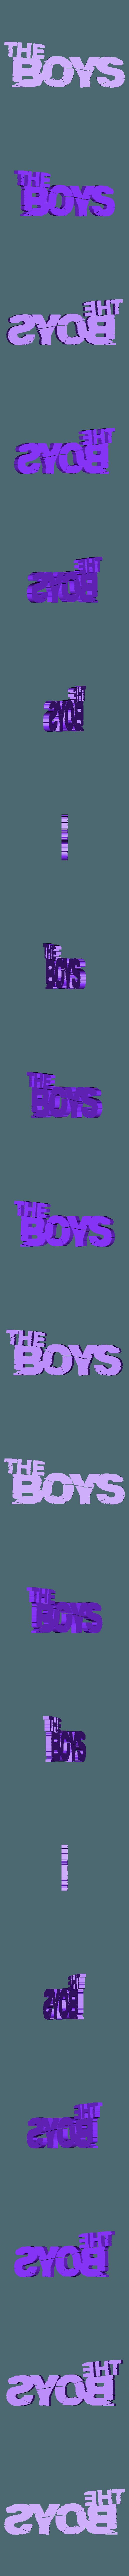 The_Boys_medium.stl Télécharger fichier STL gratuit The Boys (facile à imprimer) • Plan à imprimer en 3D, spofff